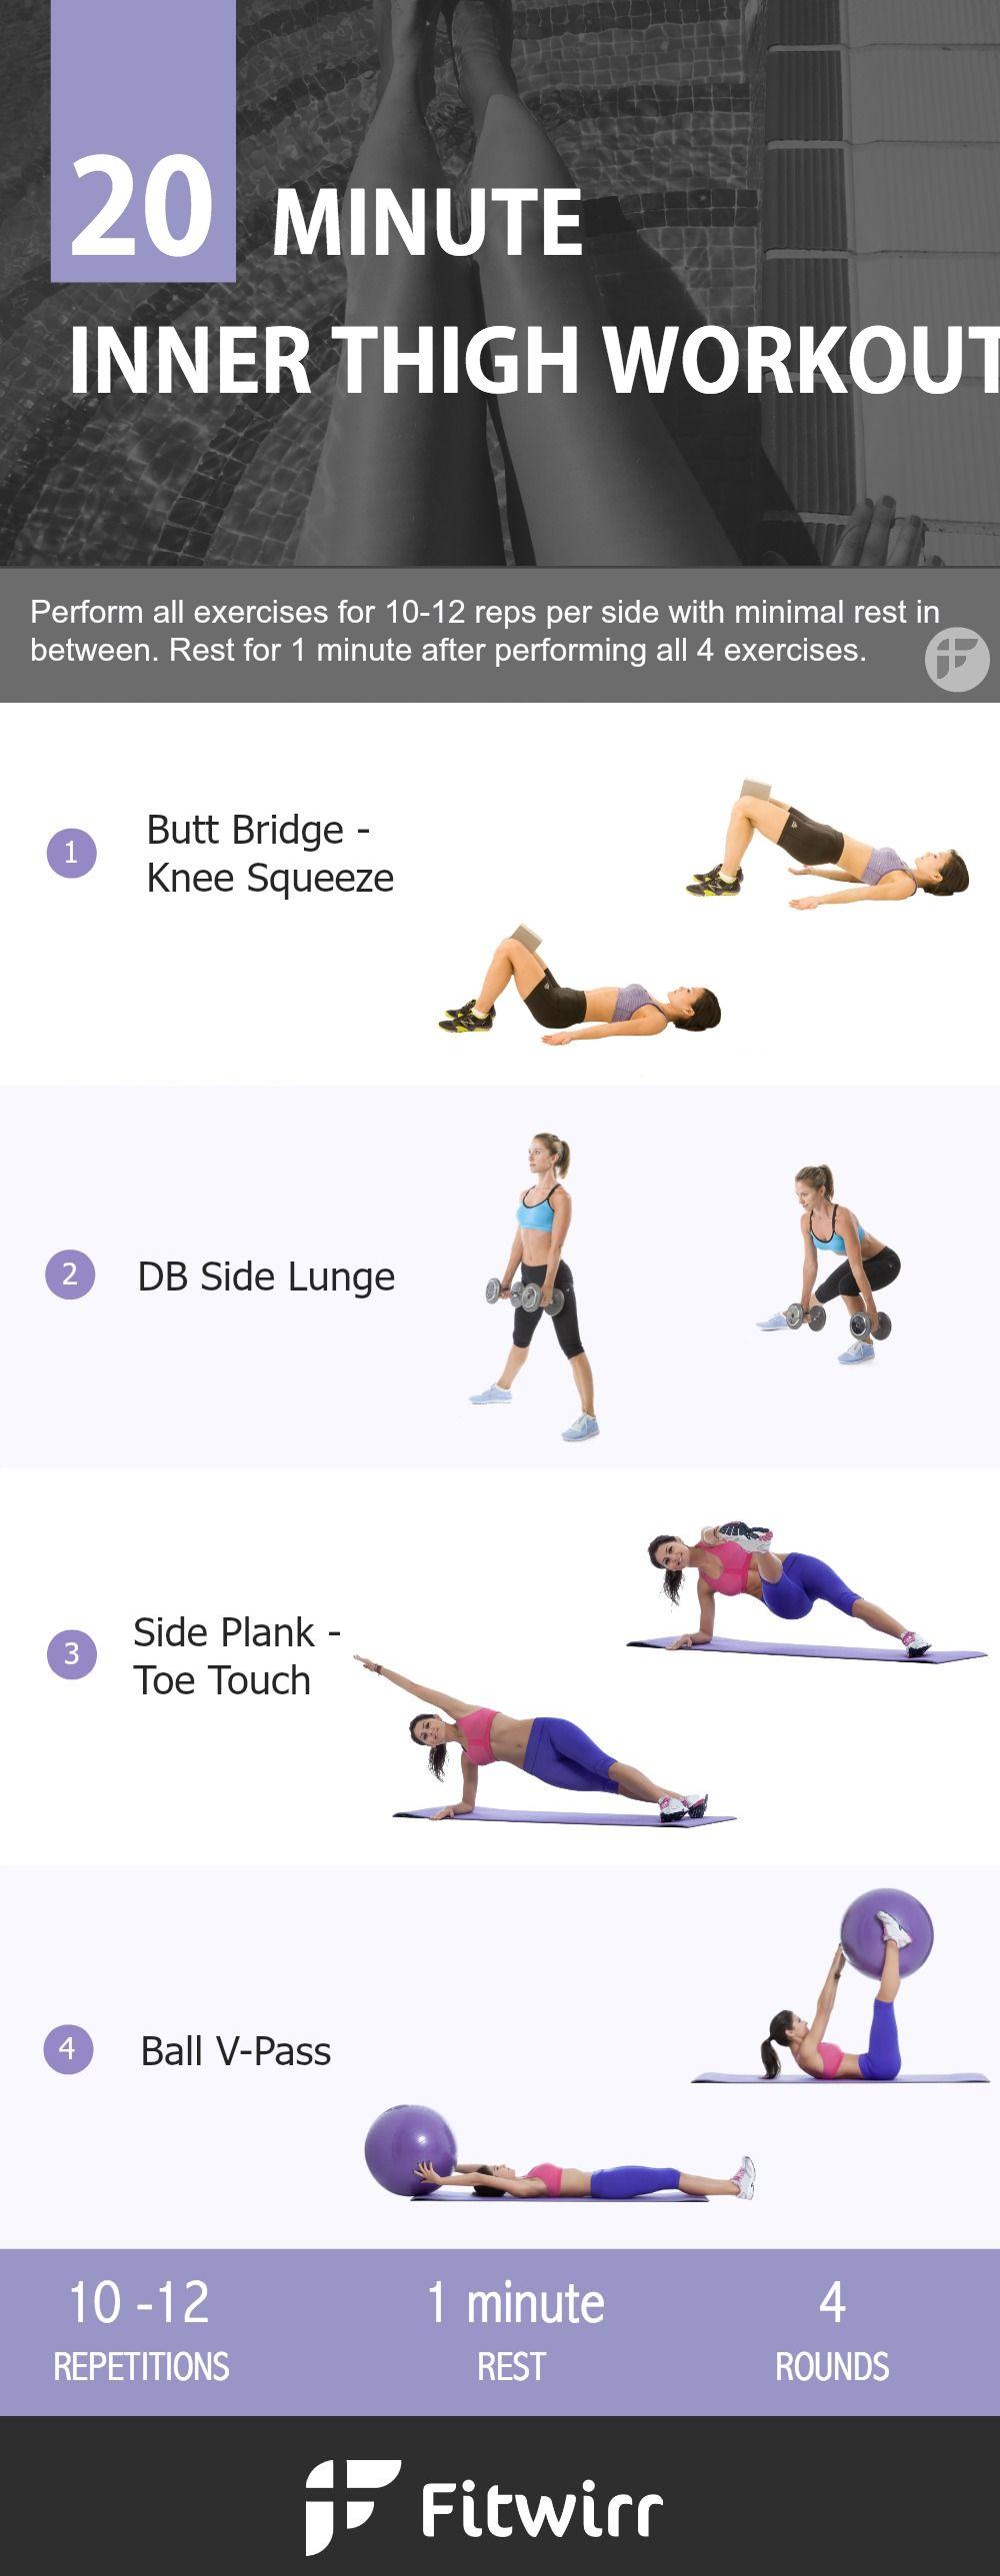 how long should you wait between leg workouts